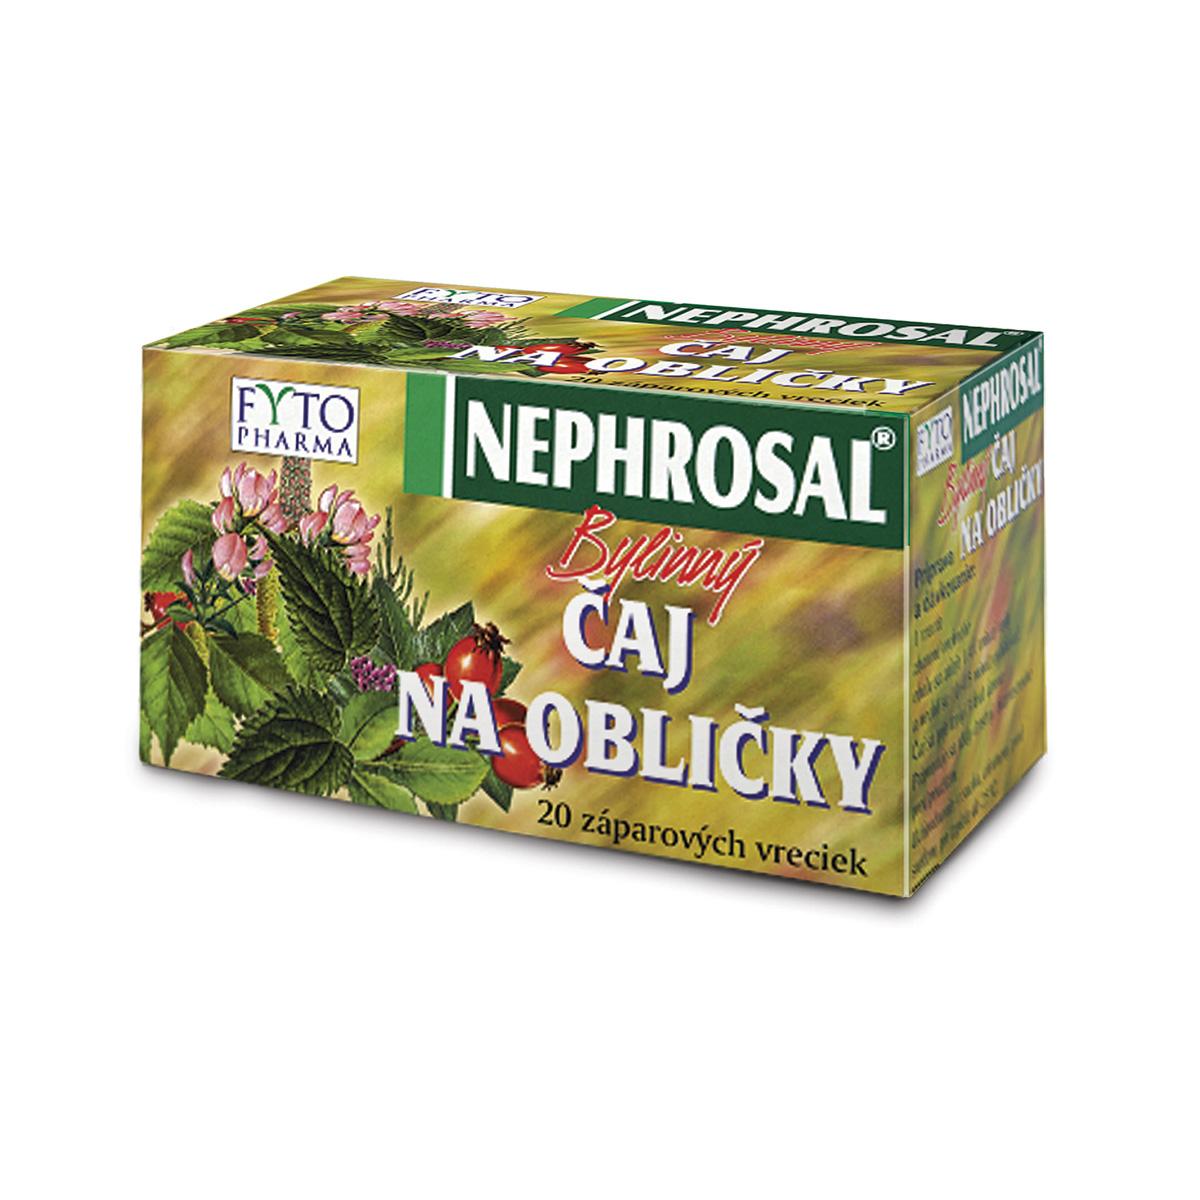 Fytopharma NEPHROSAL ®  bylinný čaj na ledviny 20 x 1,5 g